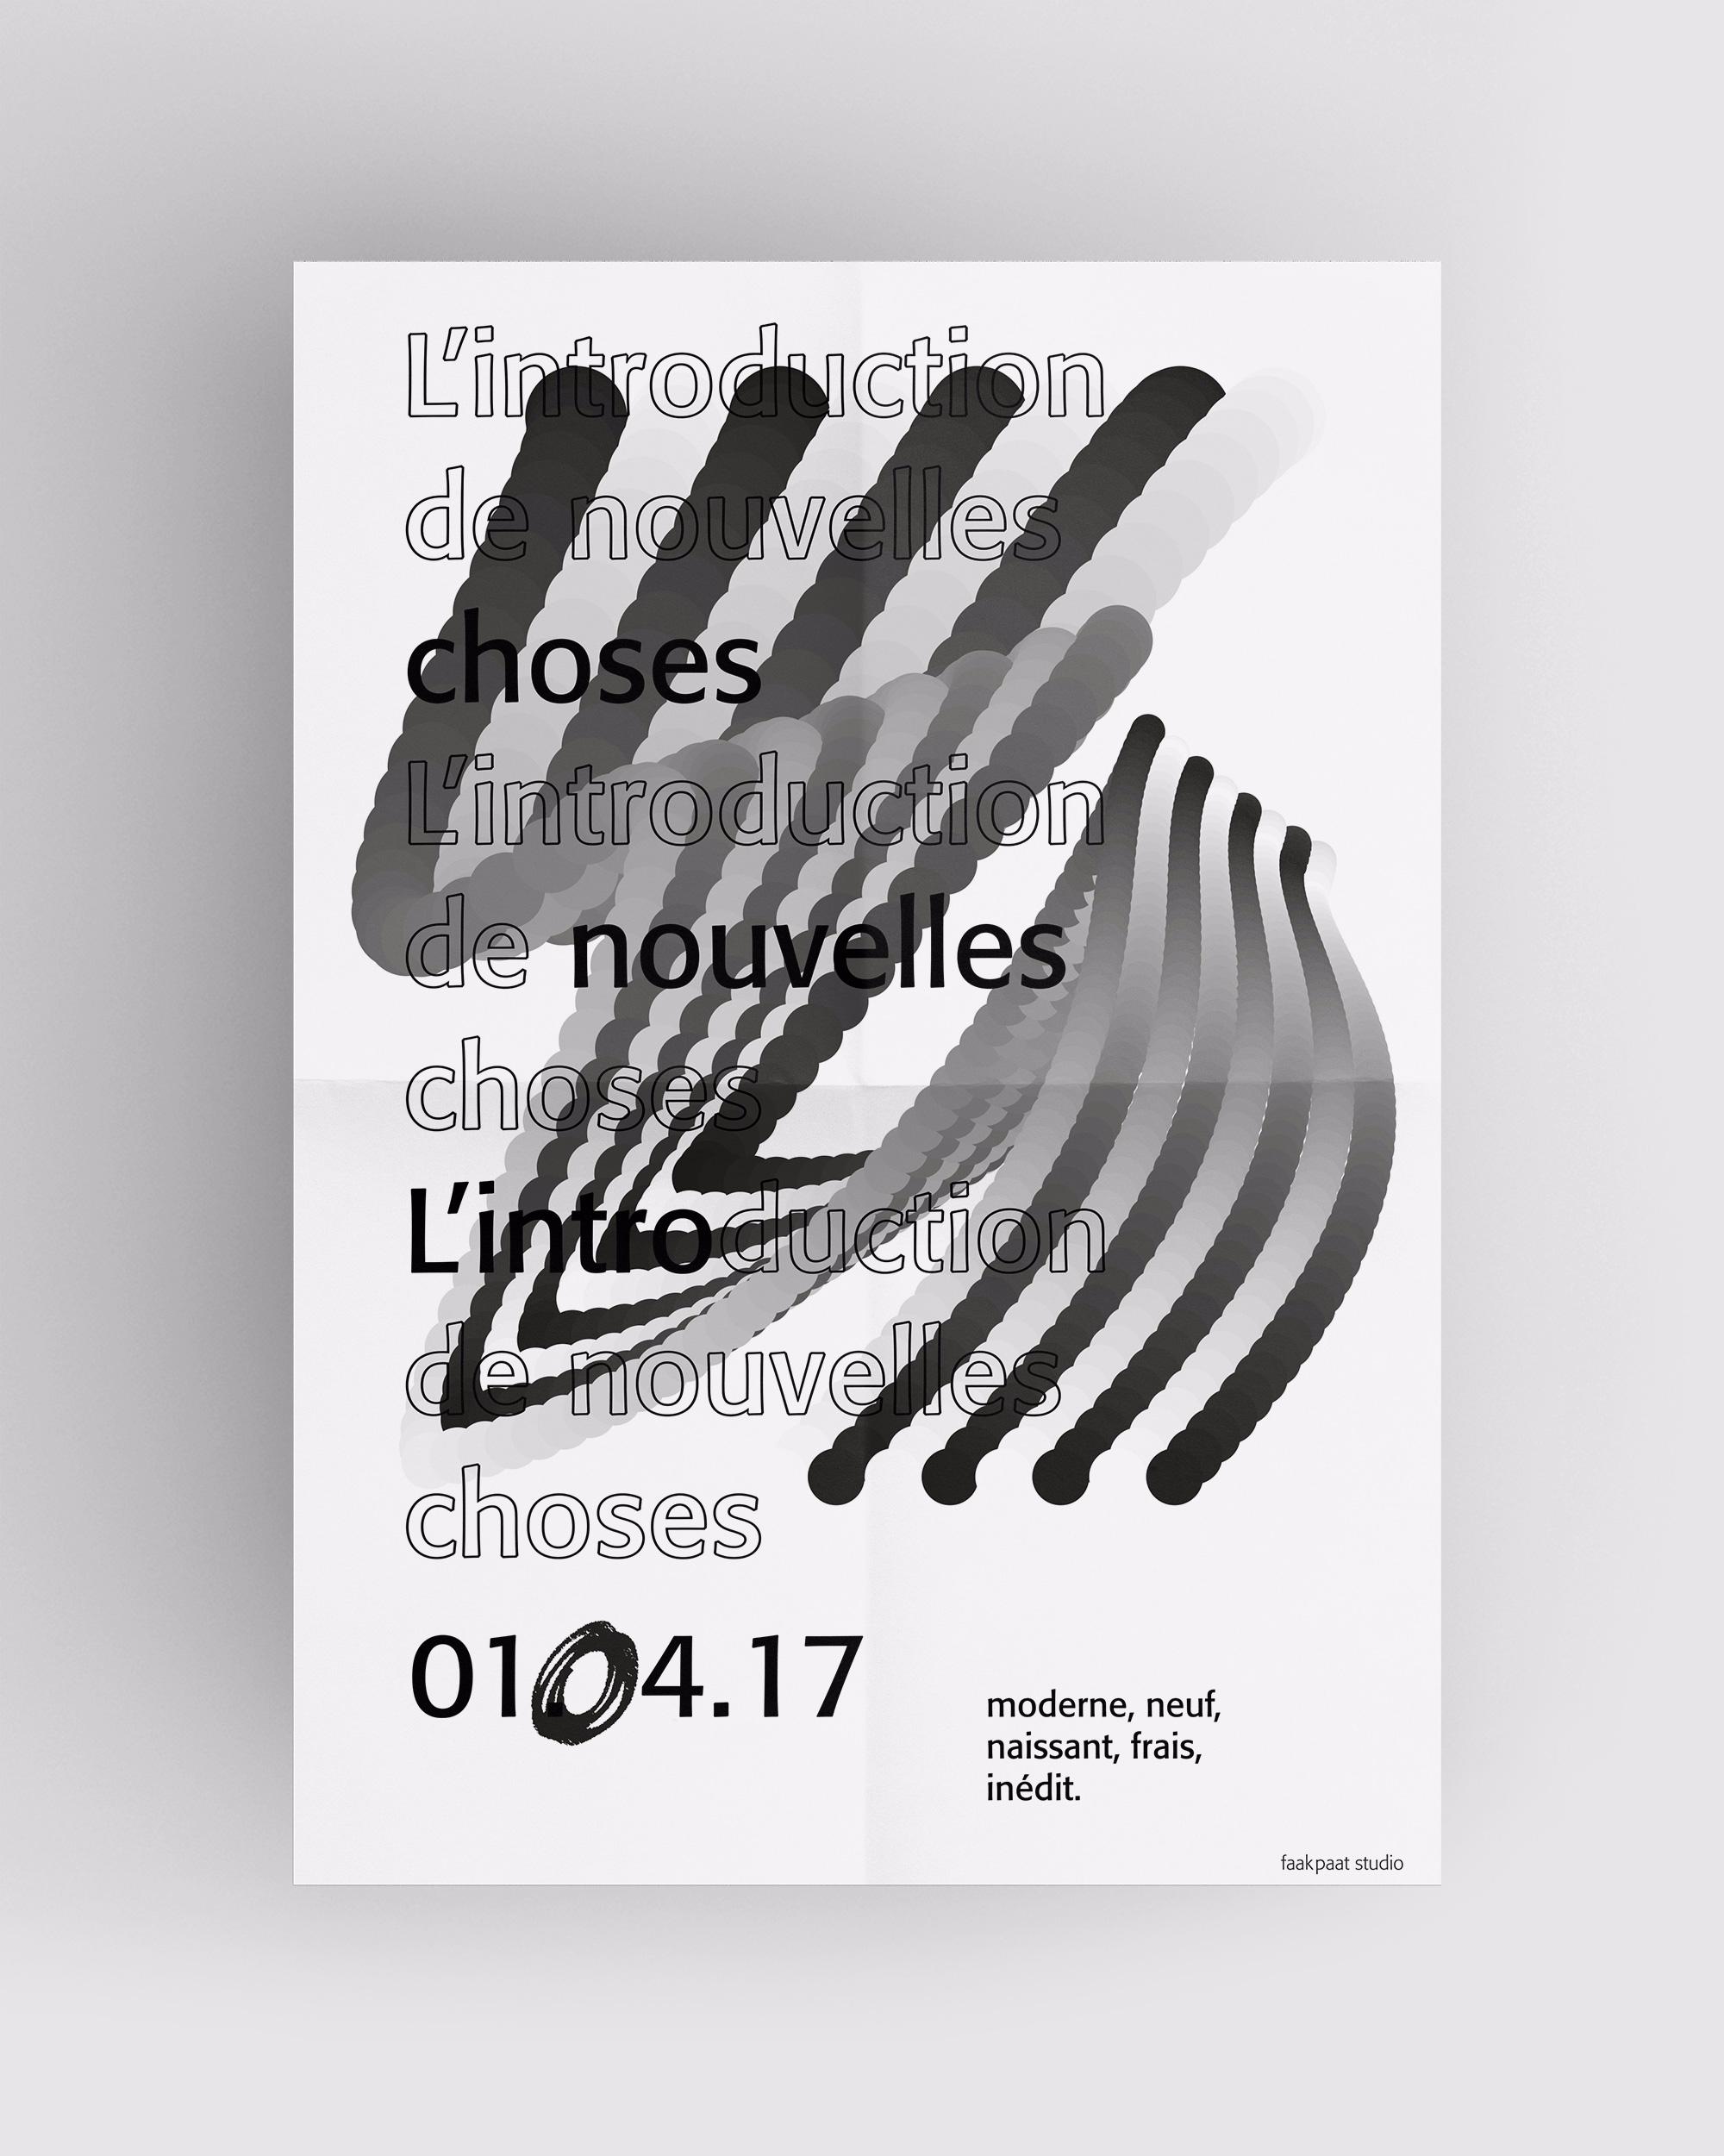 — Graphic Design Inquiries - graphicdesign - faakpaat | ello